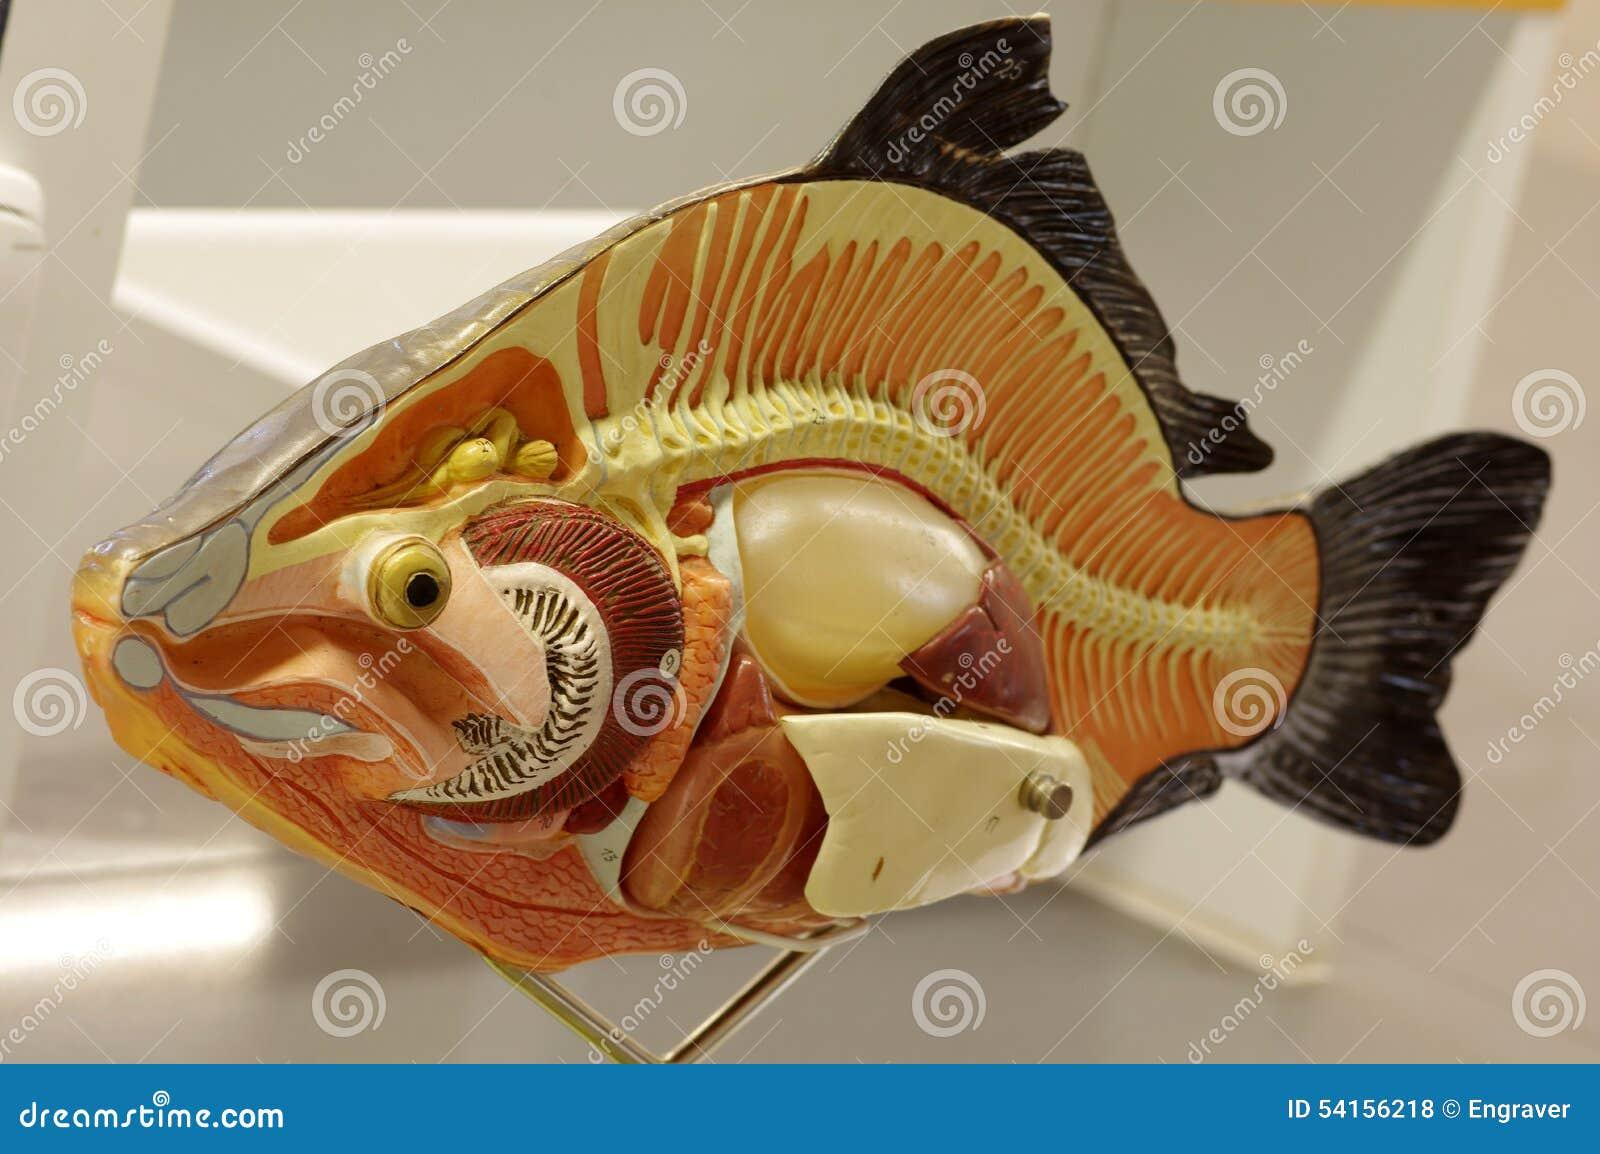 Anatomía De Los Animales De Los Pescados De La Carpa Foto de archivo ...